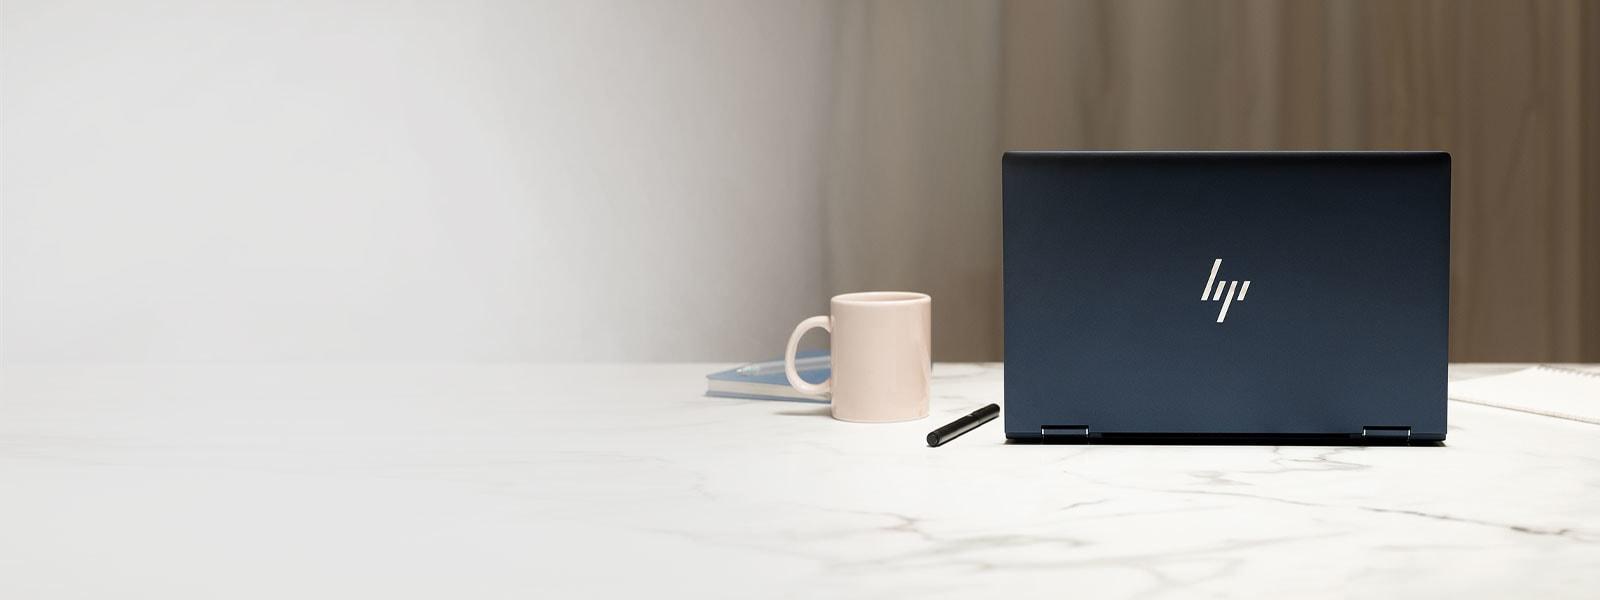 Un portatile HP Elite Dragonfly su un banco, tra una tazza e un blocco per appunti